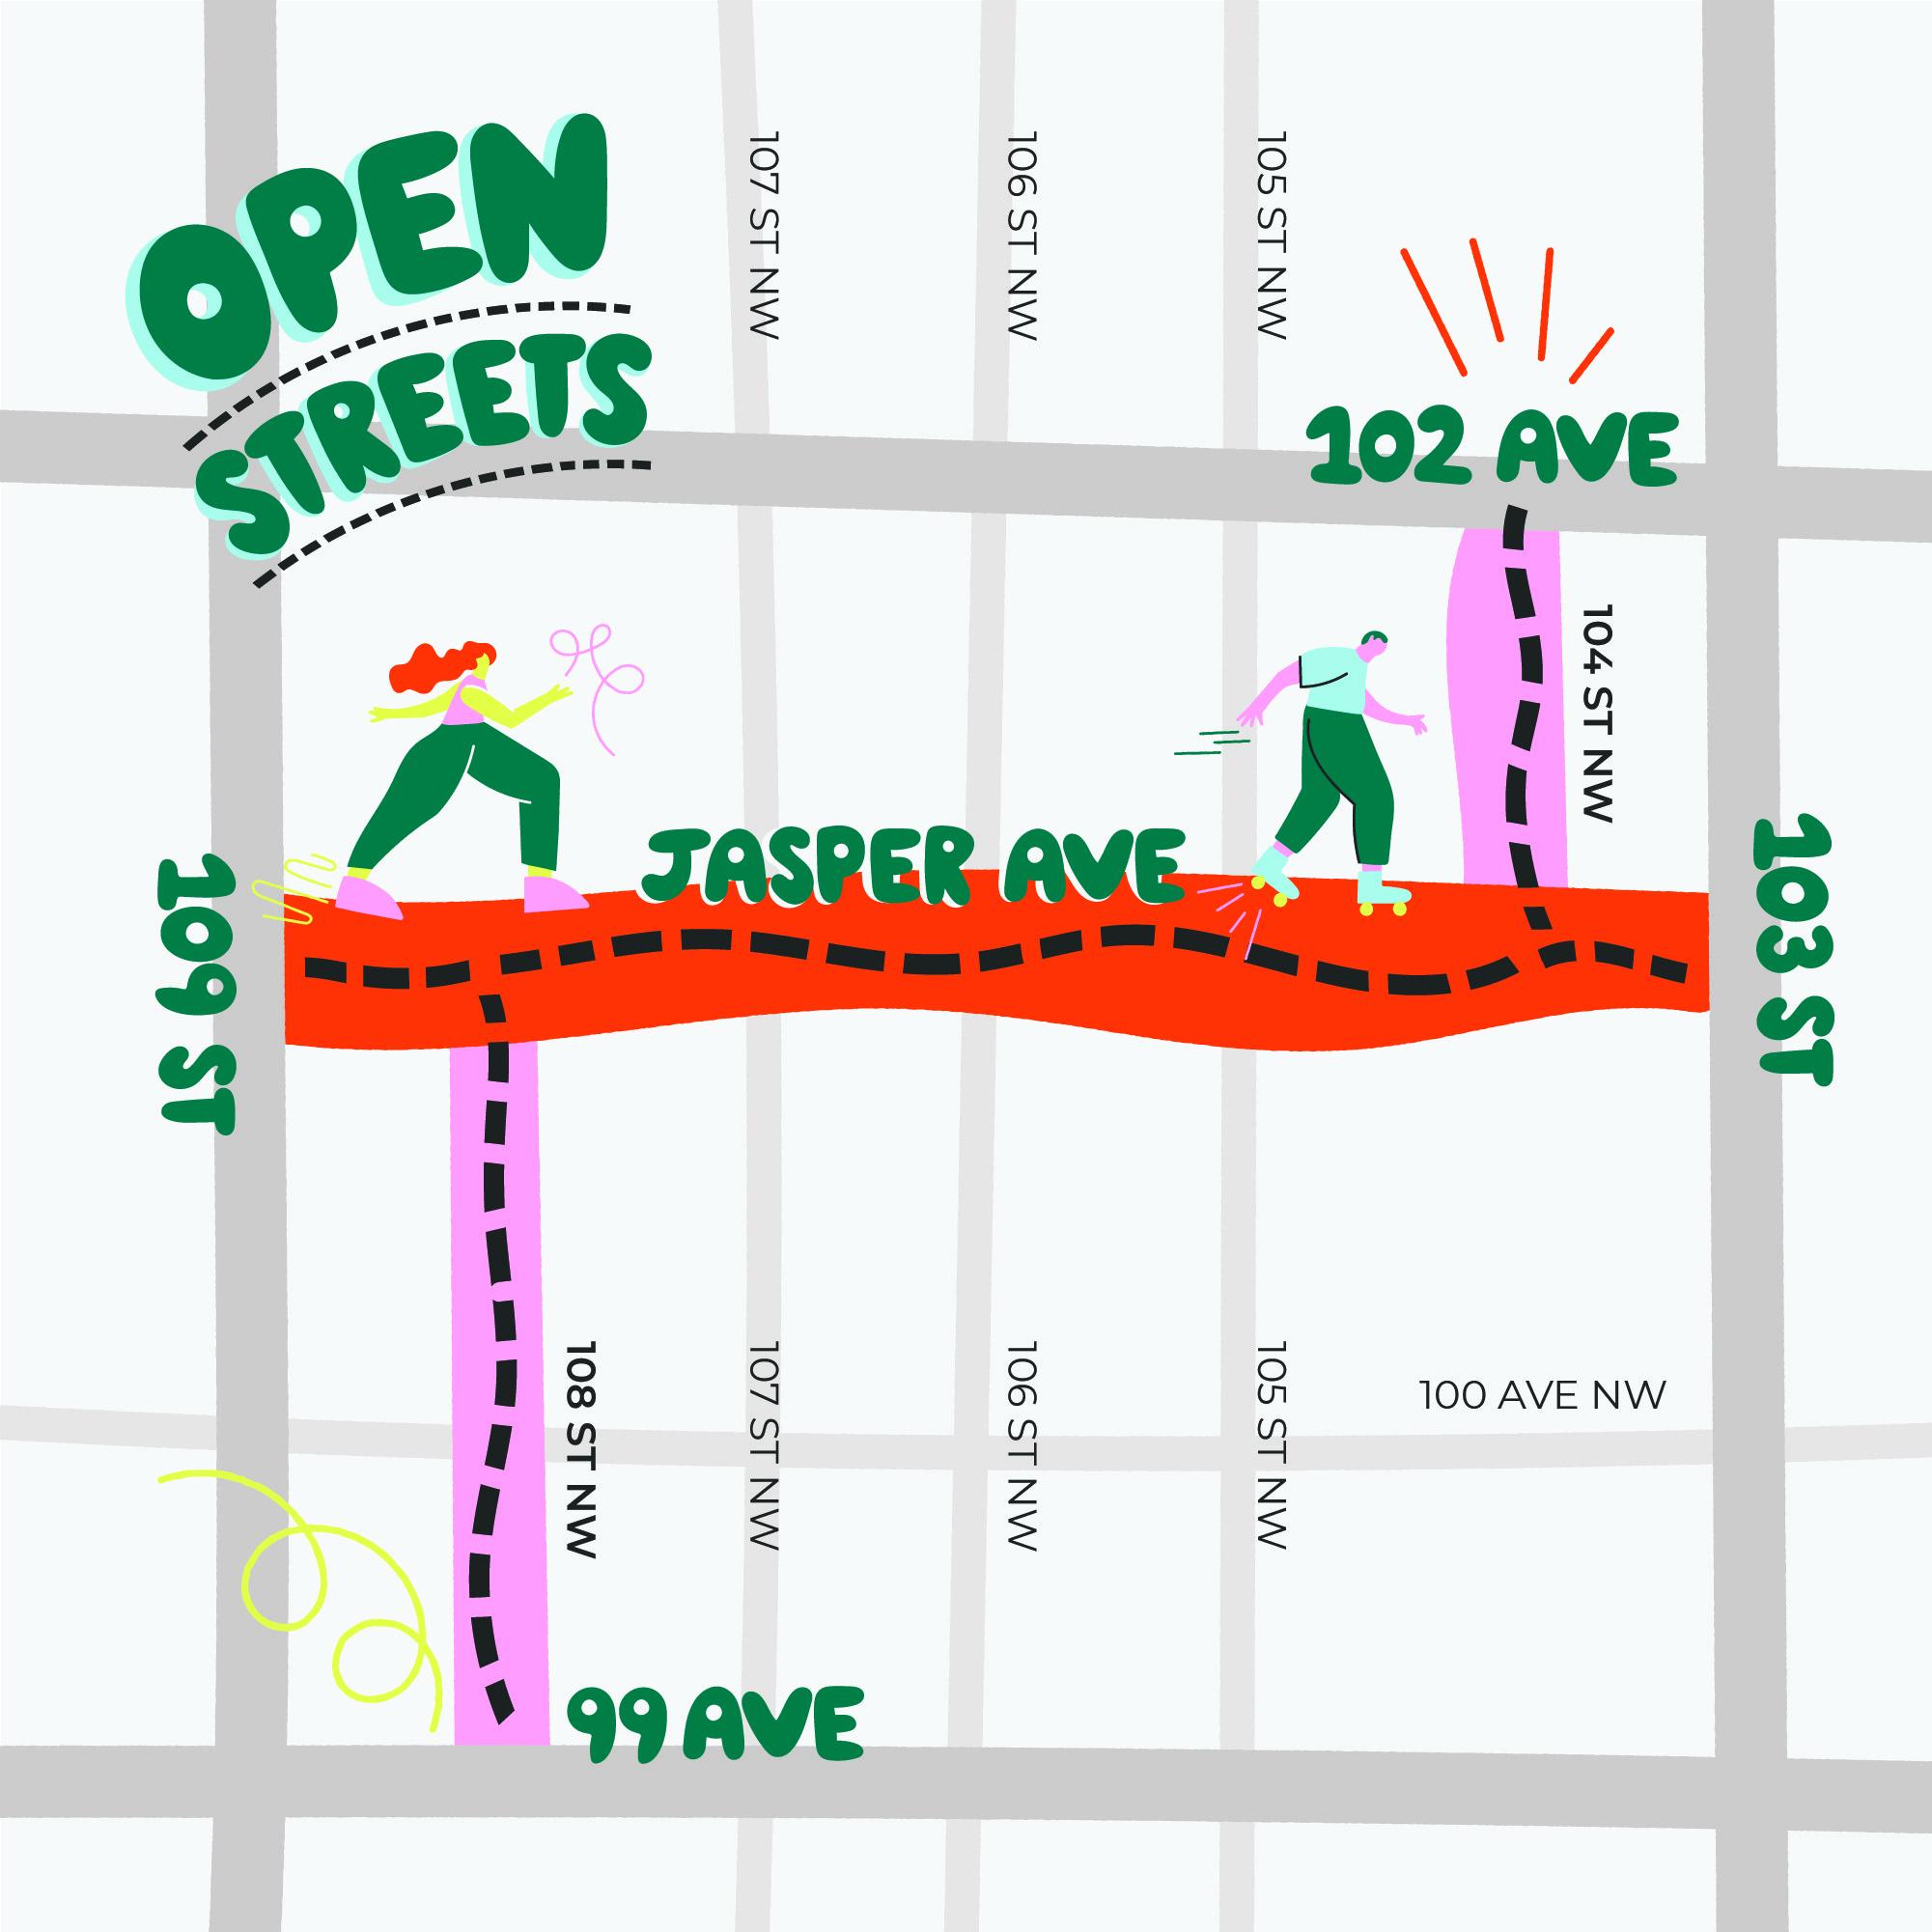 openstreets--map.jpg